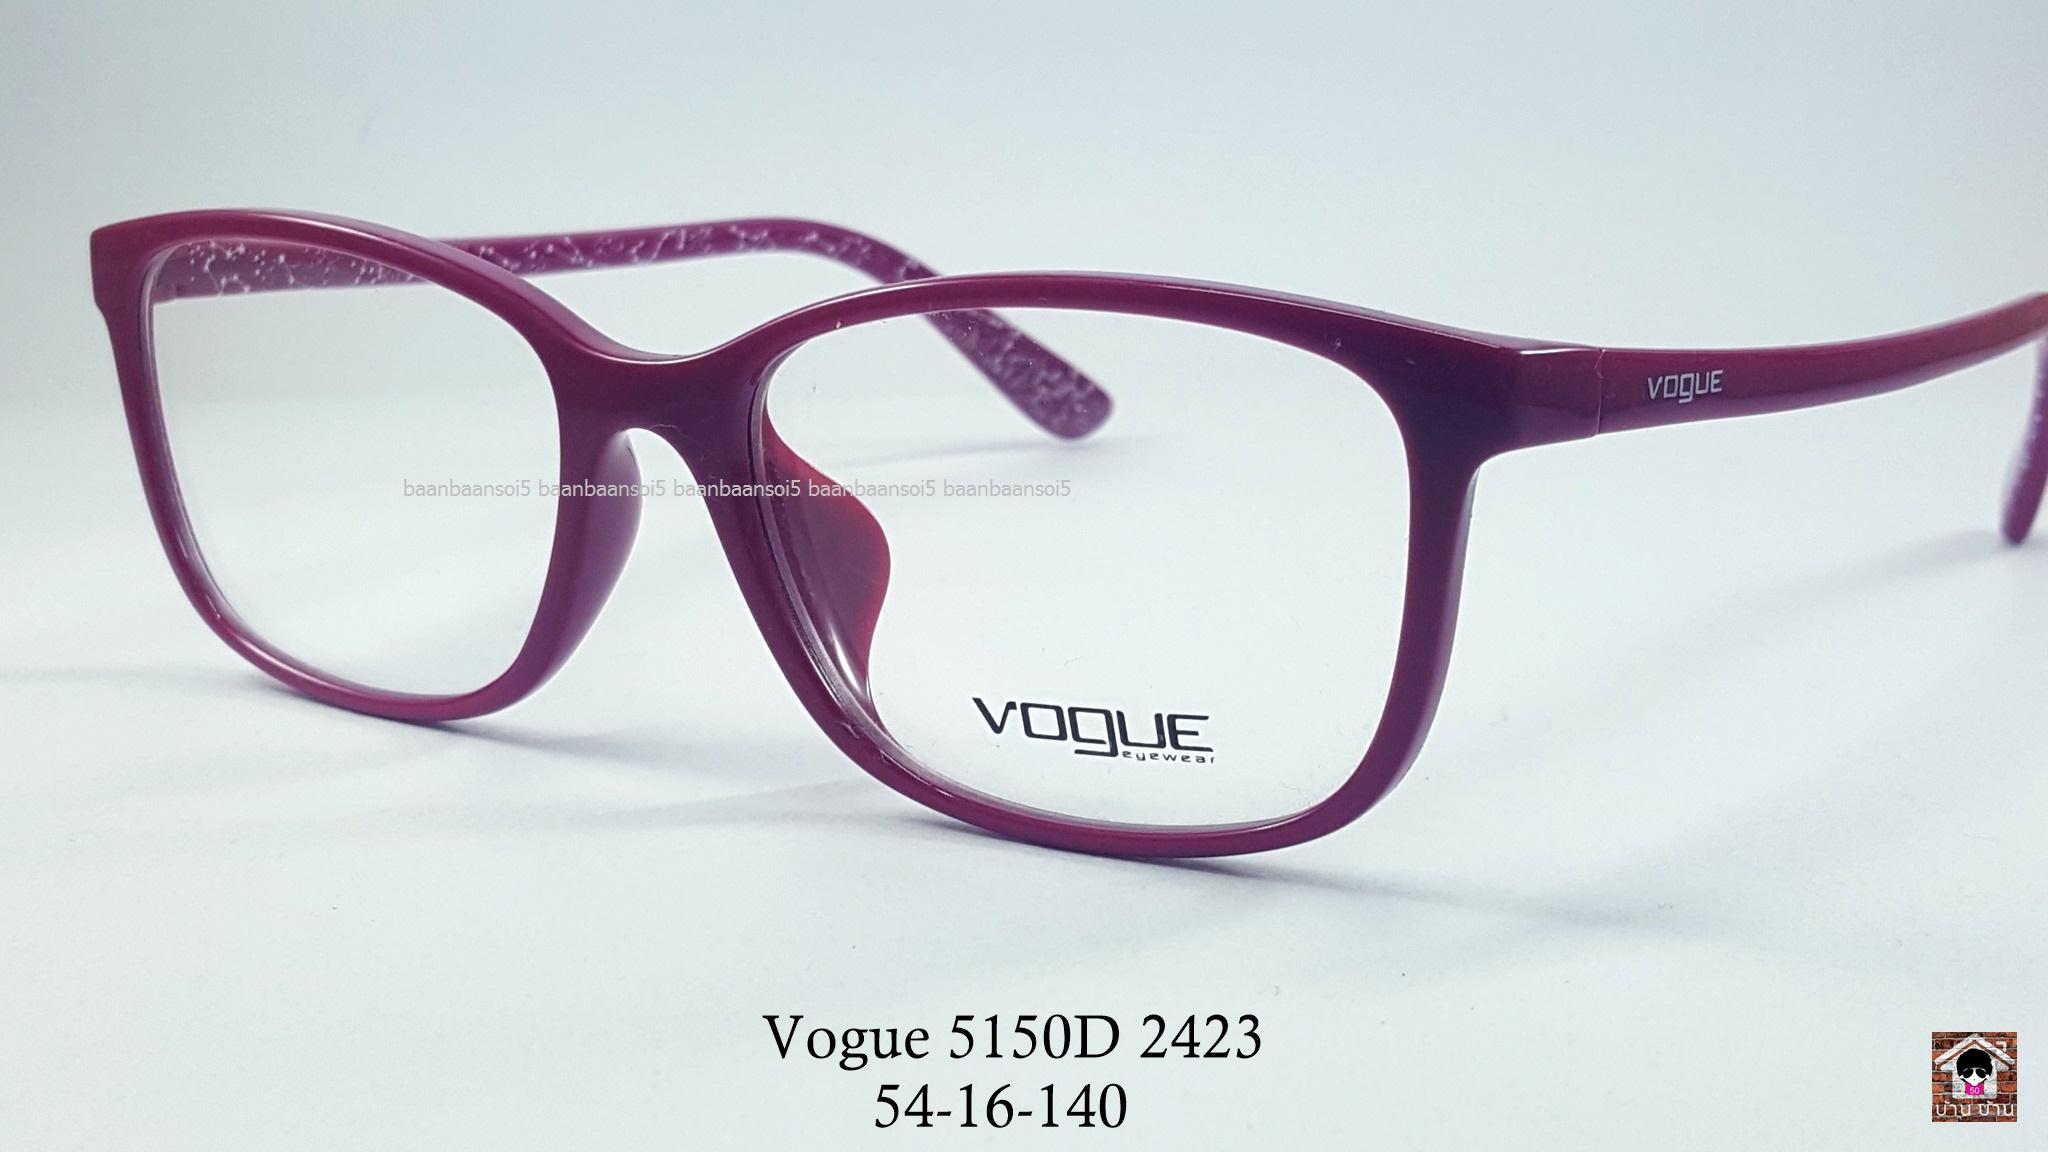 Vogue vo 5150D 2423 โปรโมชั่น กรอบแว่นตาพร้อมเลนส์ HOYA ราคา 2,200 บาท